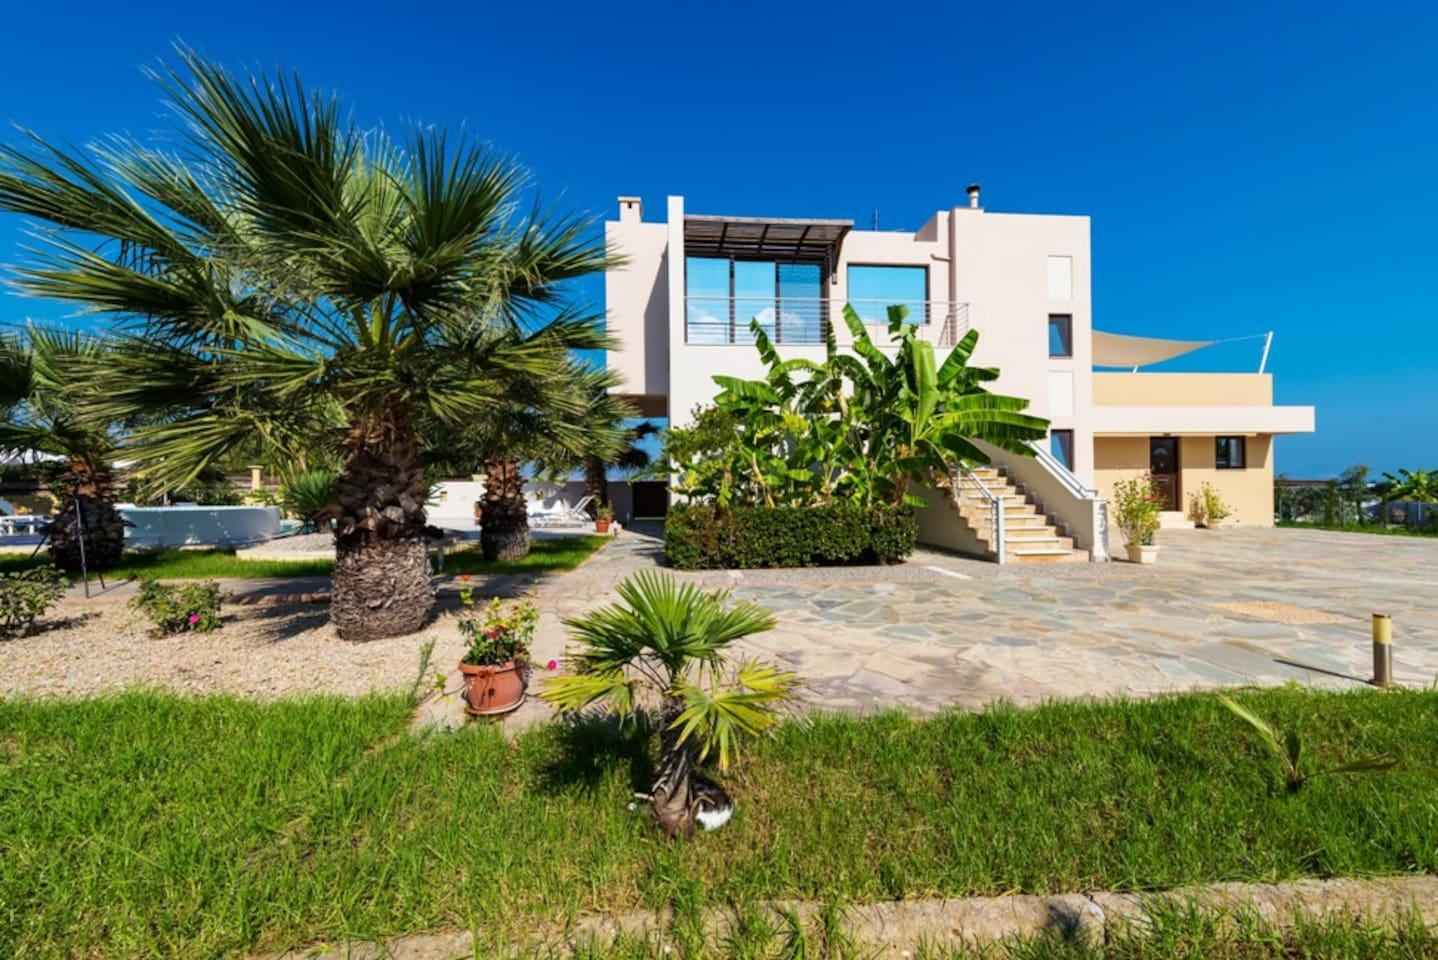 luxury xenos villa2 with pool - villen zur miete in kos, Badezimmer ideen